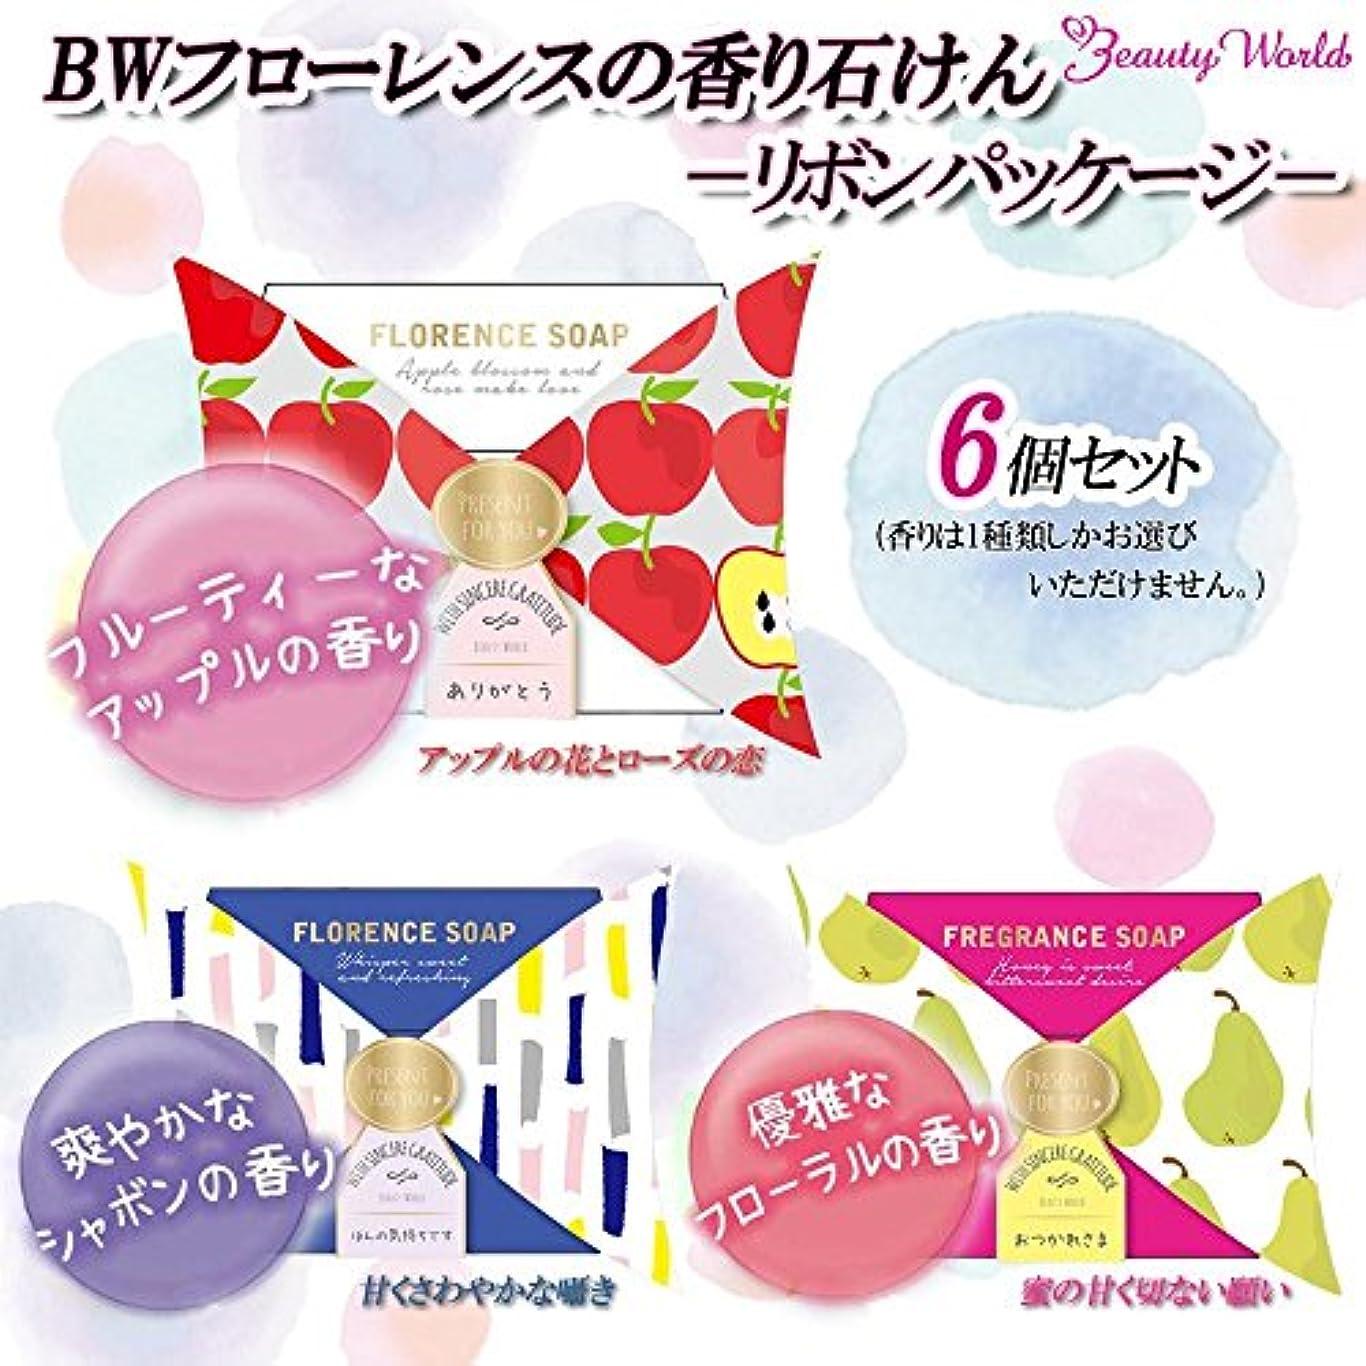 また海洋霧深いビューティーワールド BWフローレンスの香り石けん リボンパッケージ 6個セット ■3種類の内「FSP386?蜜の甘く切ない願い」を1点のみです